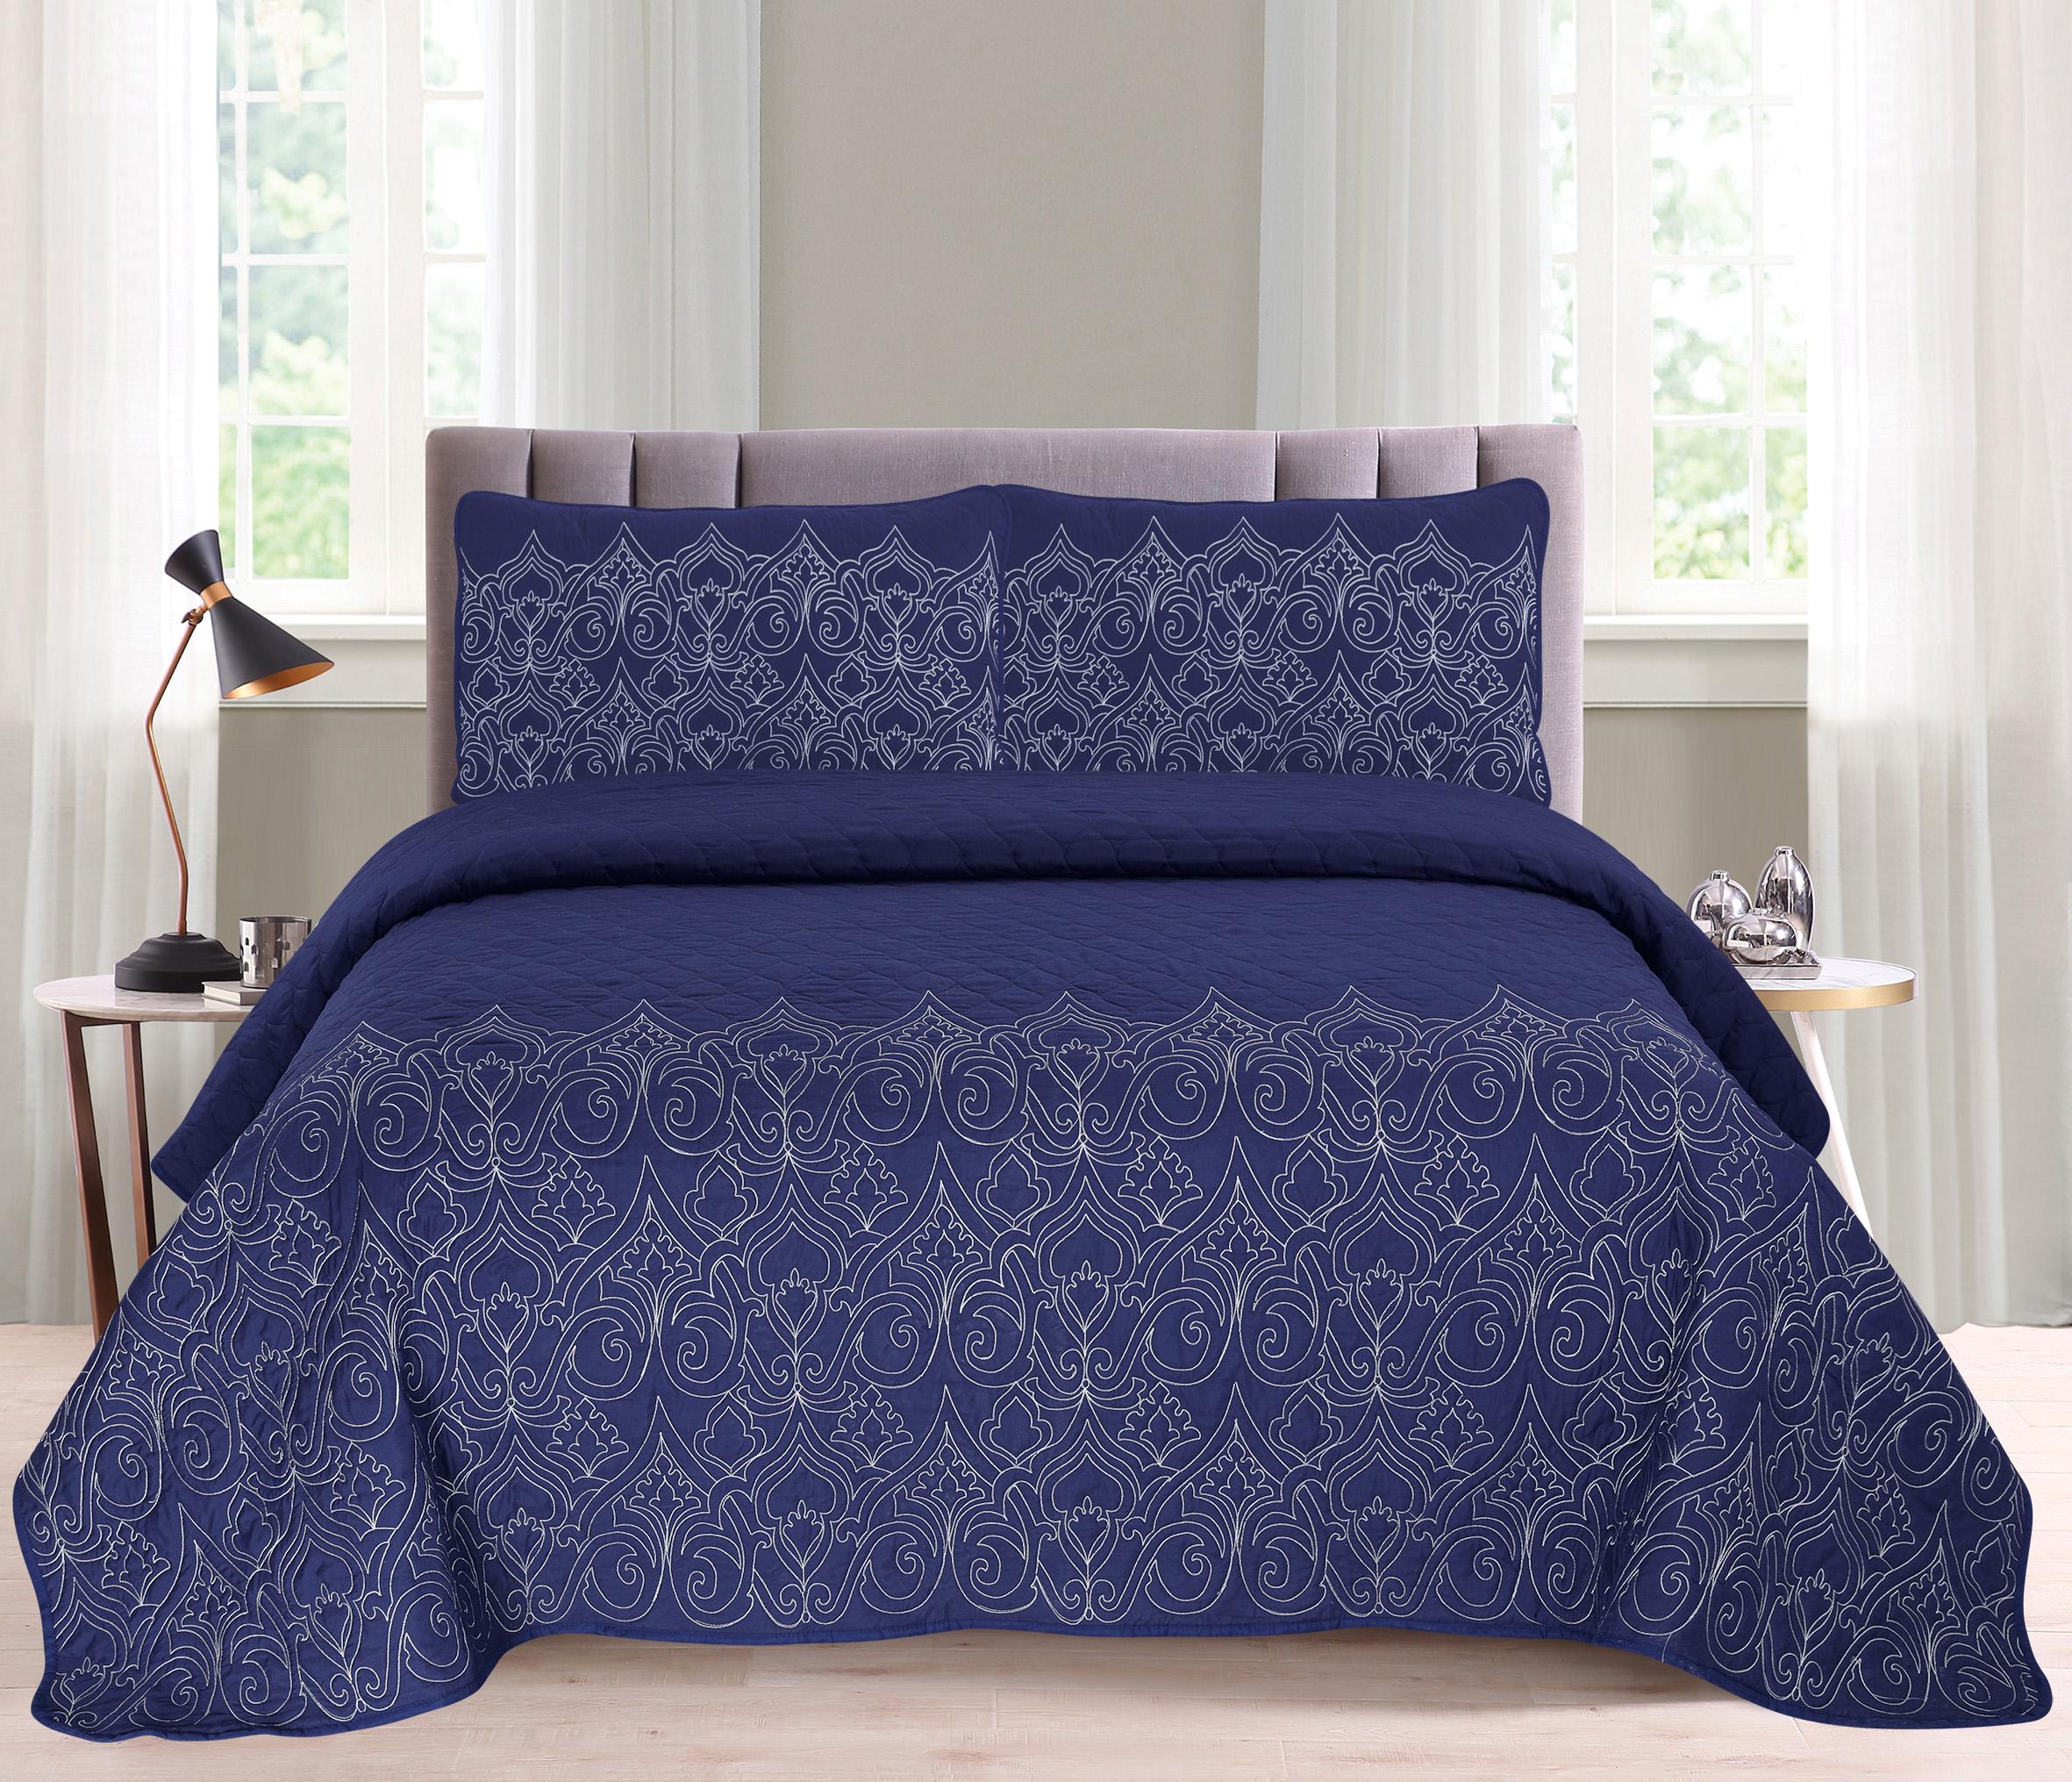 Venta on line colchas para cama de calidad. Colchas